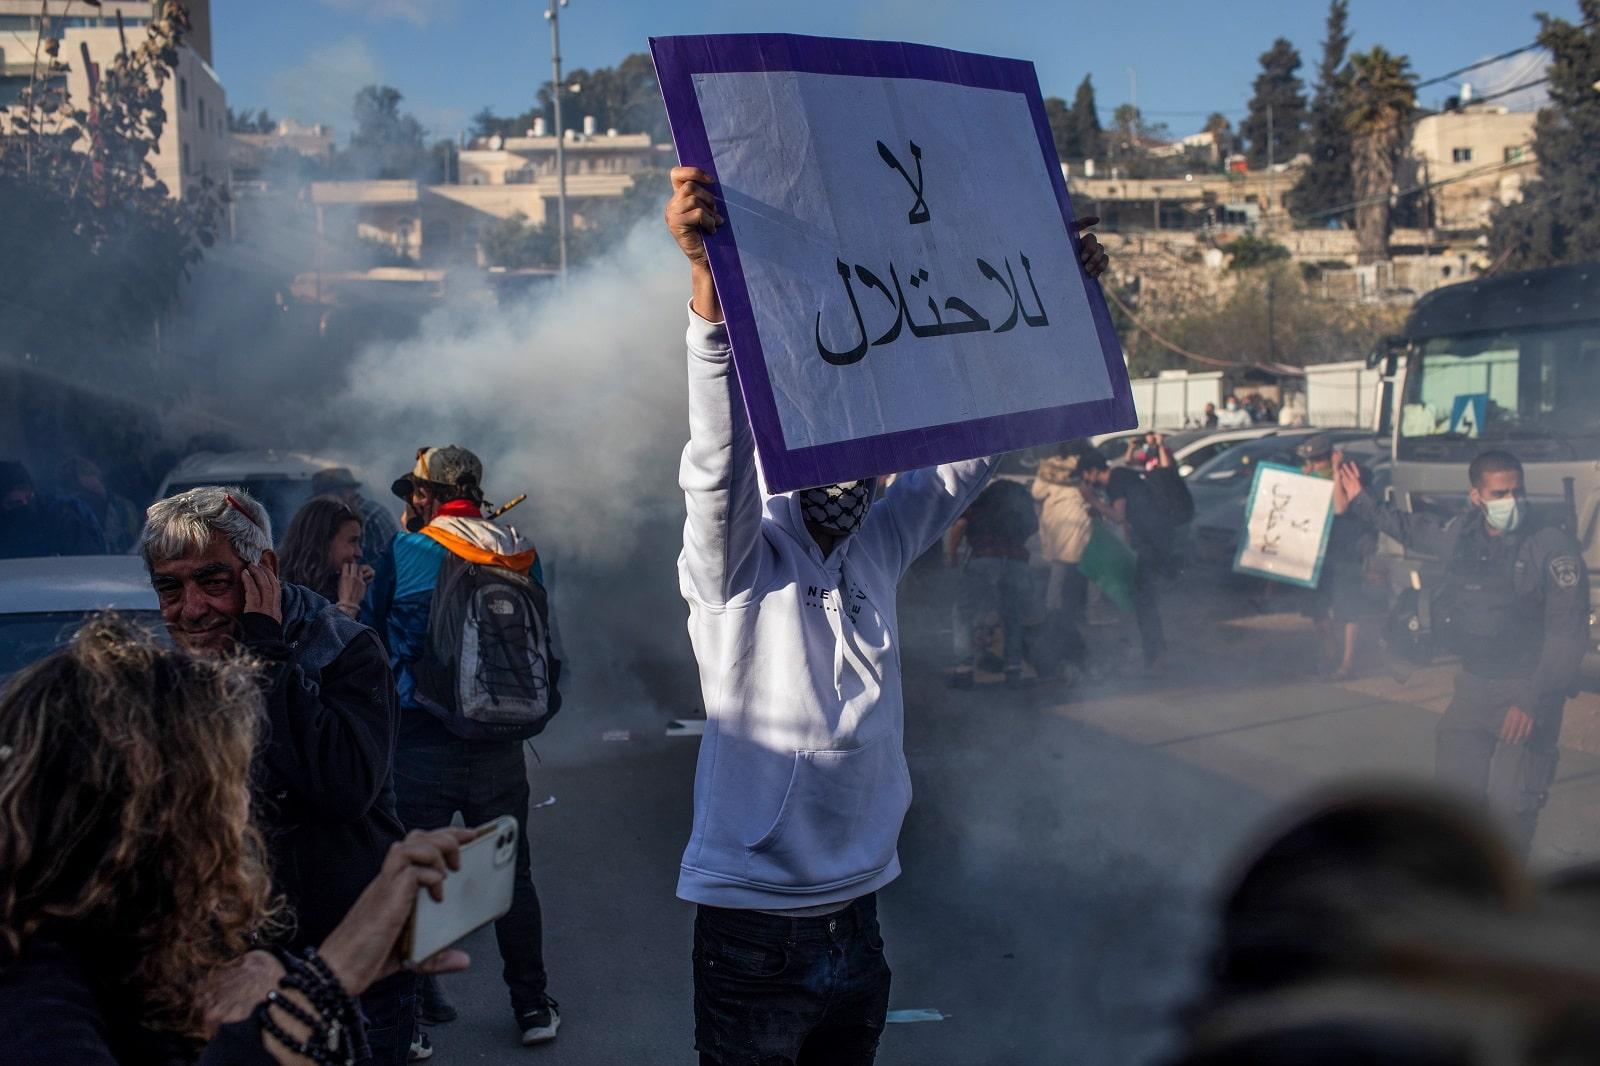 هكذا انتقمت إسرائيل من فلسطيني 48 بعد هبتهم للدفاع عن الأقصى وغزة.. شهادات مروعة